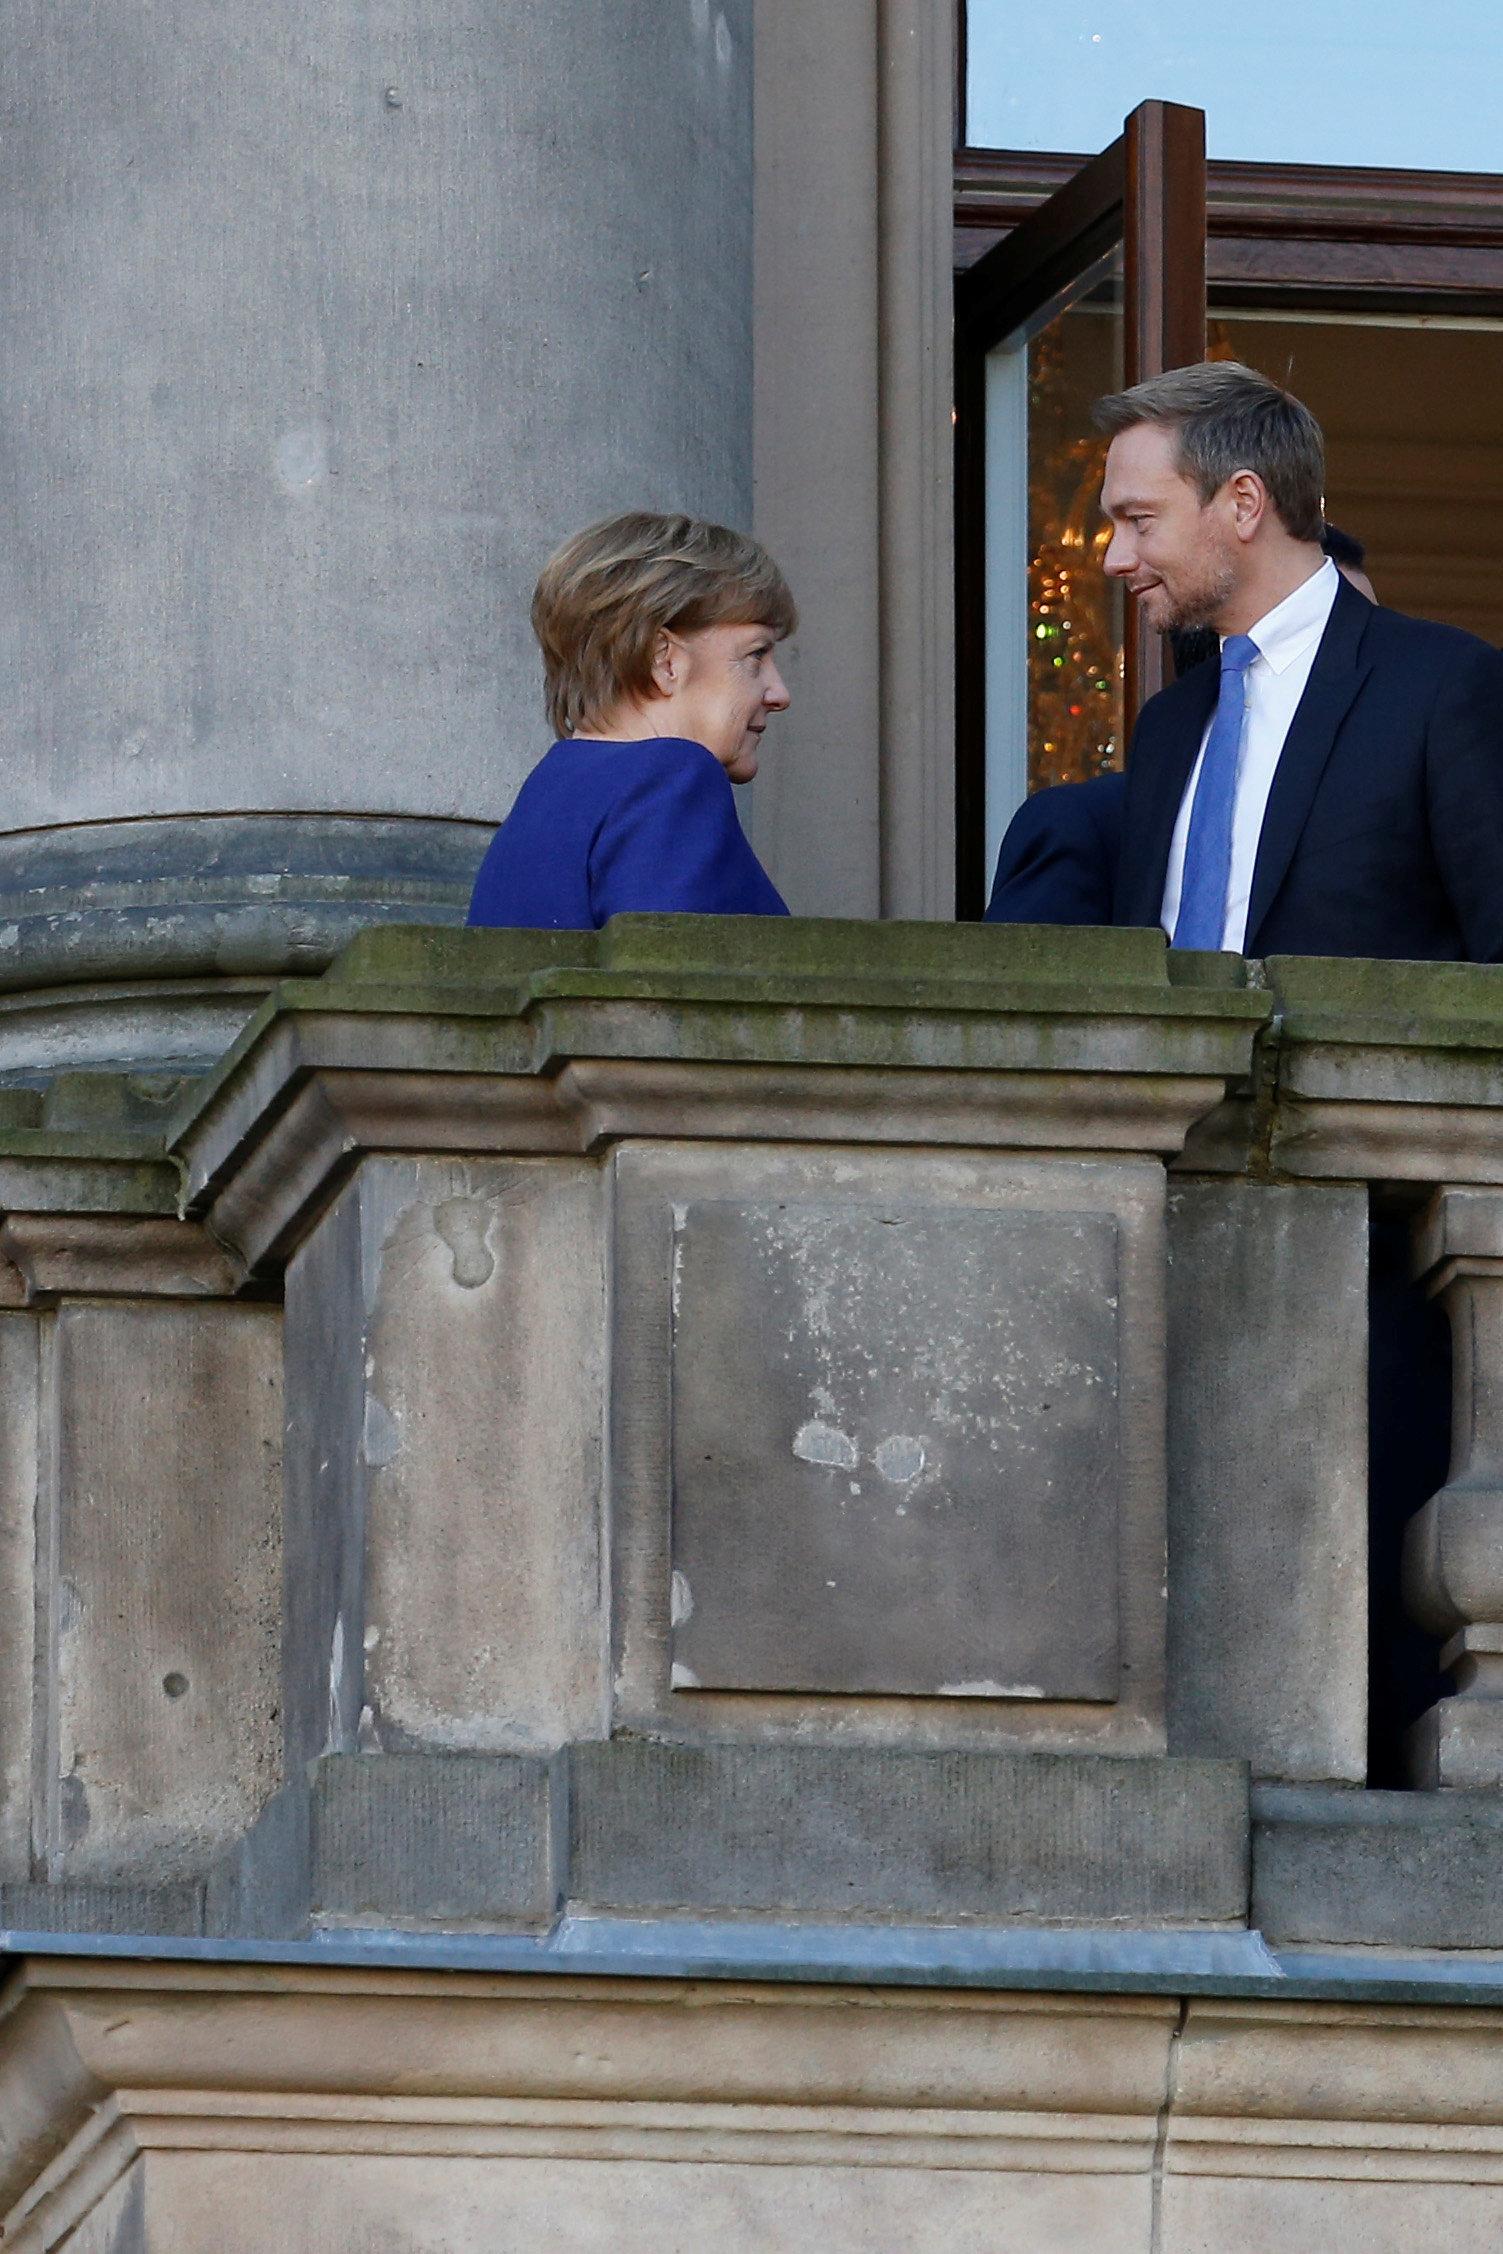 Bei einem möglichen Merkel-Aus: Wieso jetzt wieder über Jamaika gesprochen